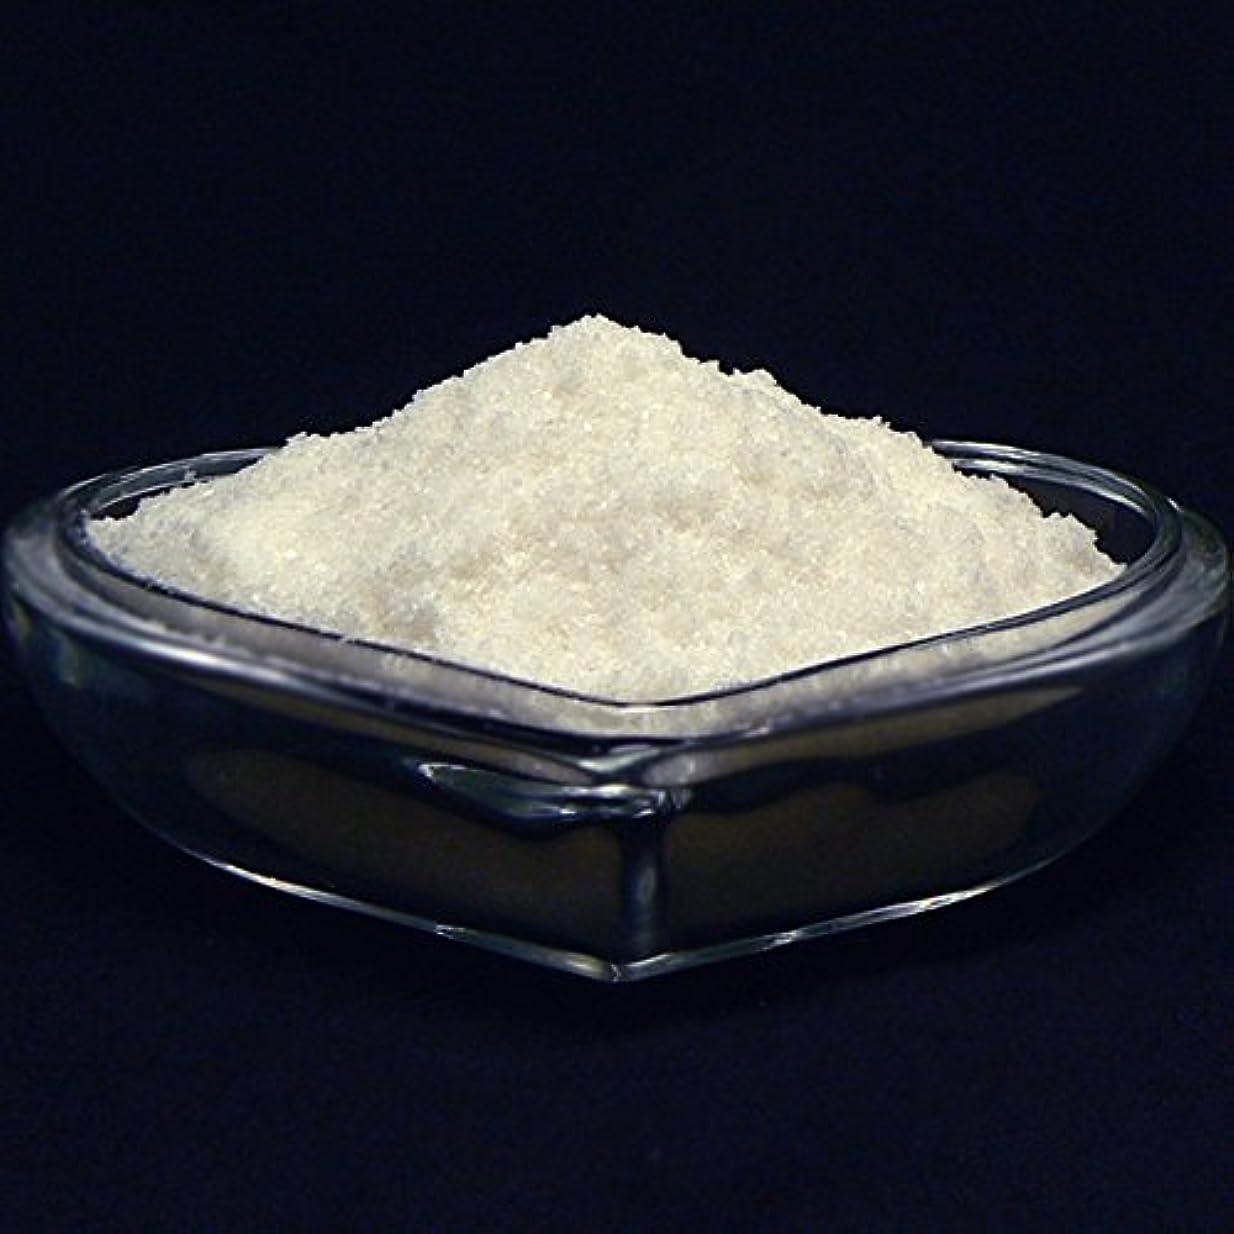 内側ゴミ箱を空にするジャングルヒマラヤ岩塩 クリスタルソルト 入浴用 バスソルト(パウダー)白岩塩 (1kg+250g増量)